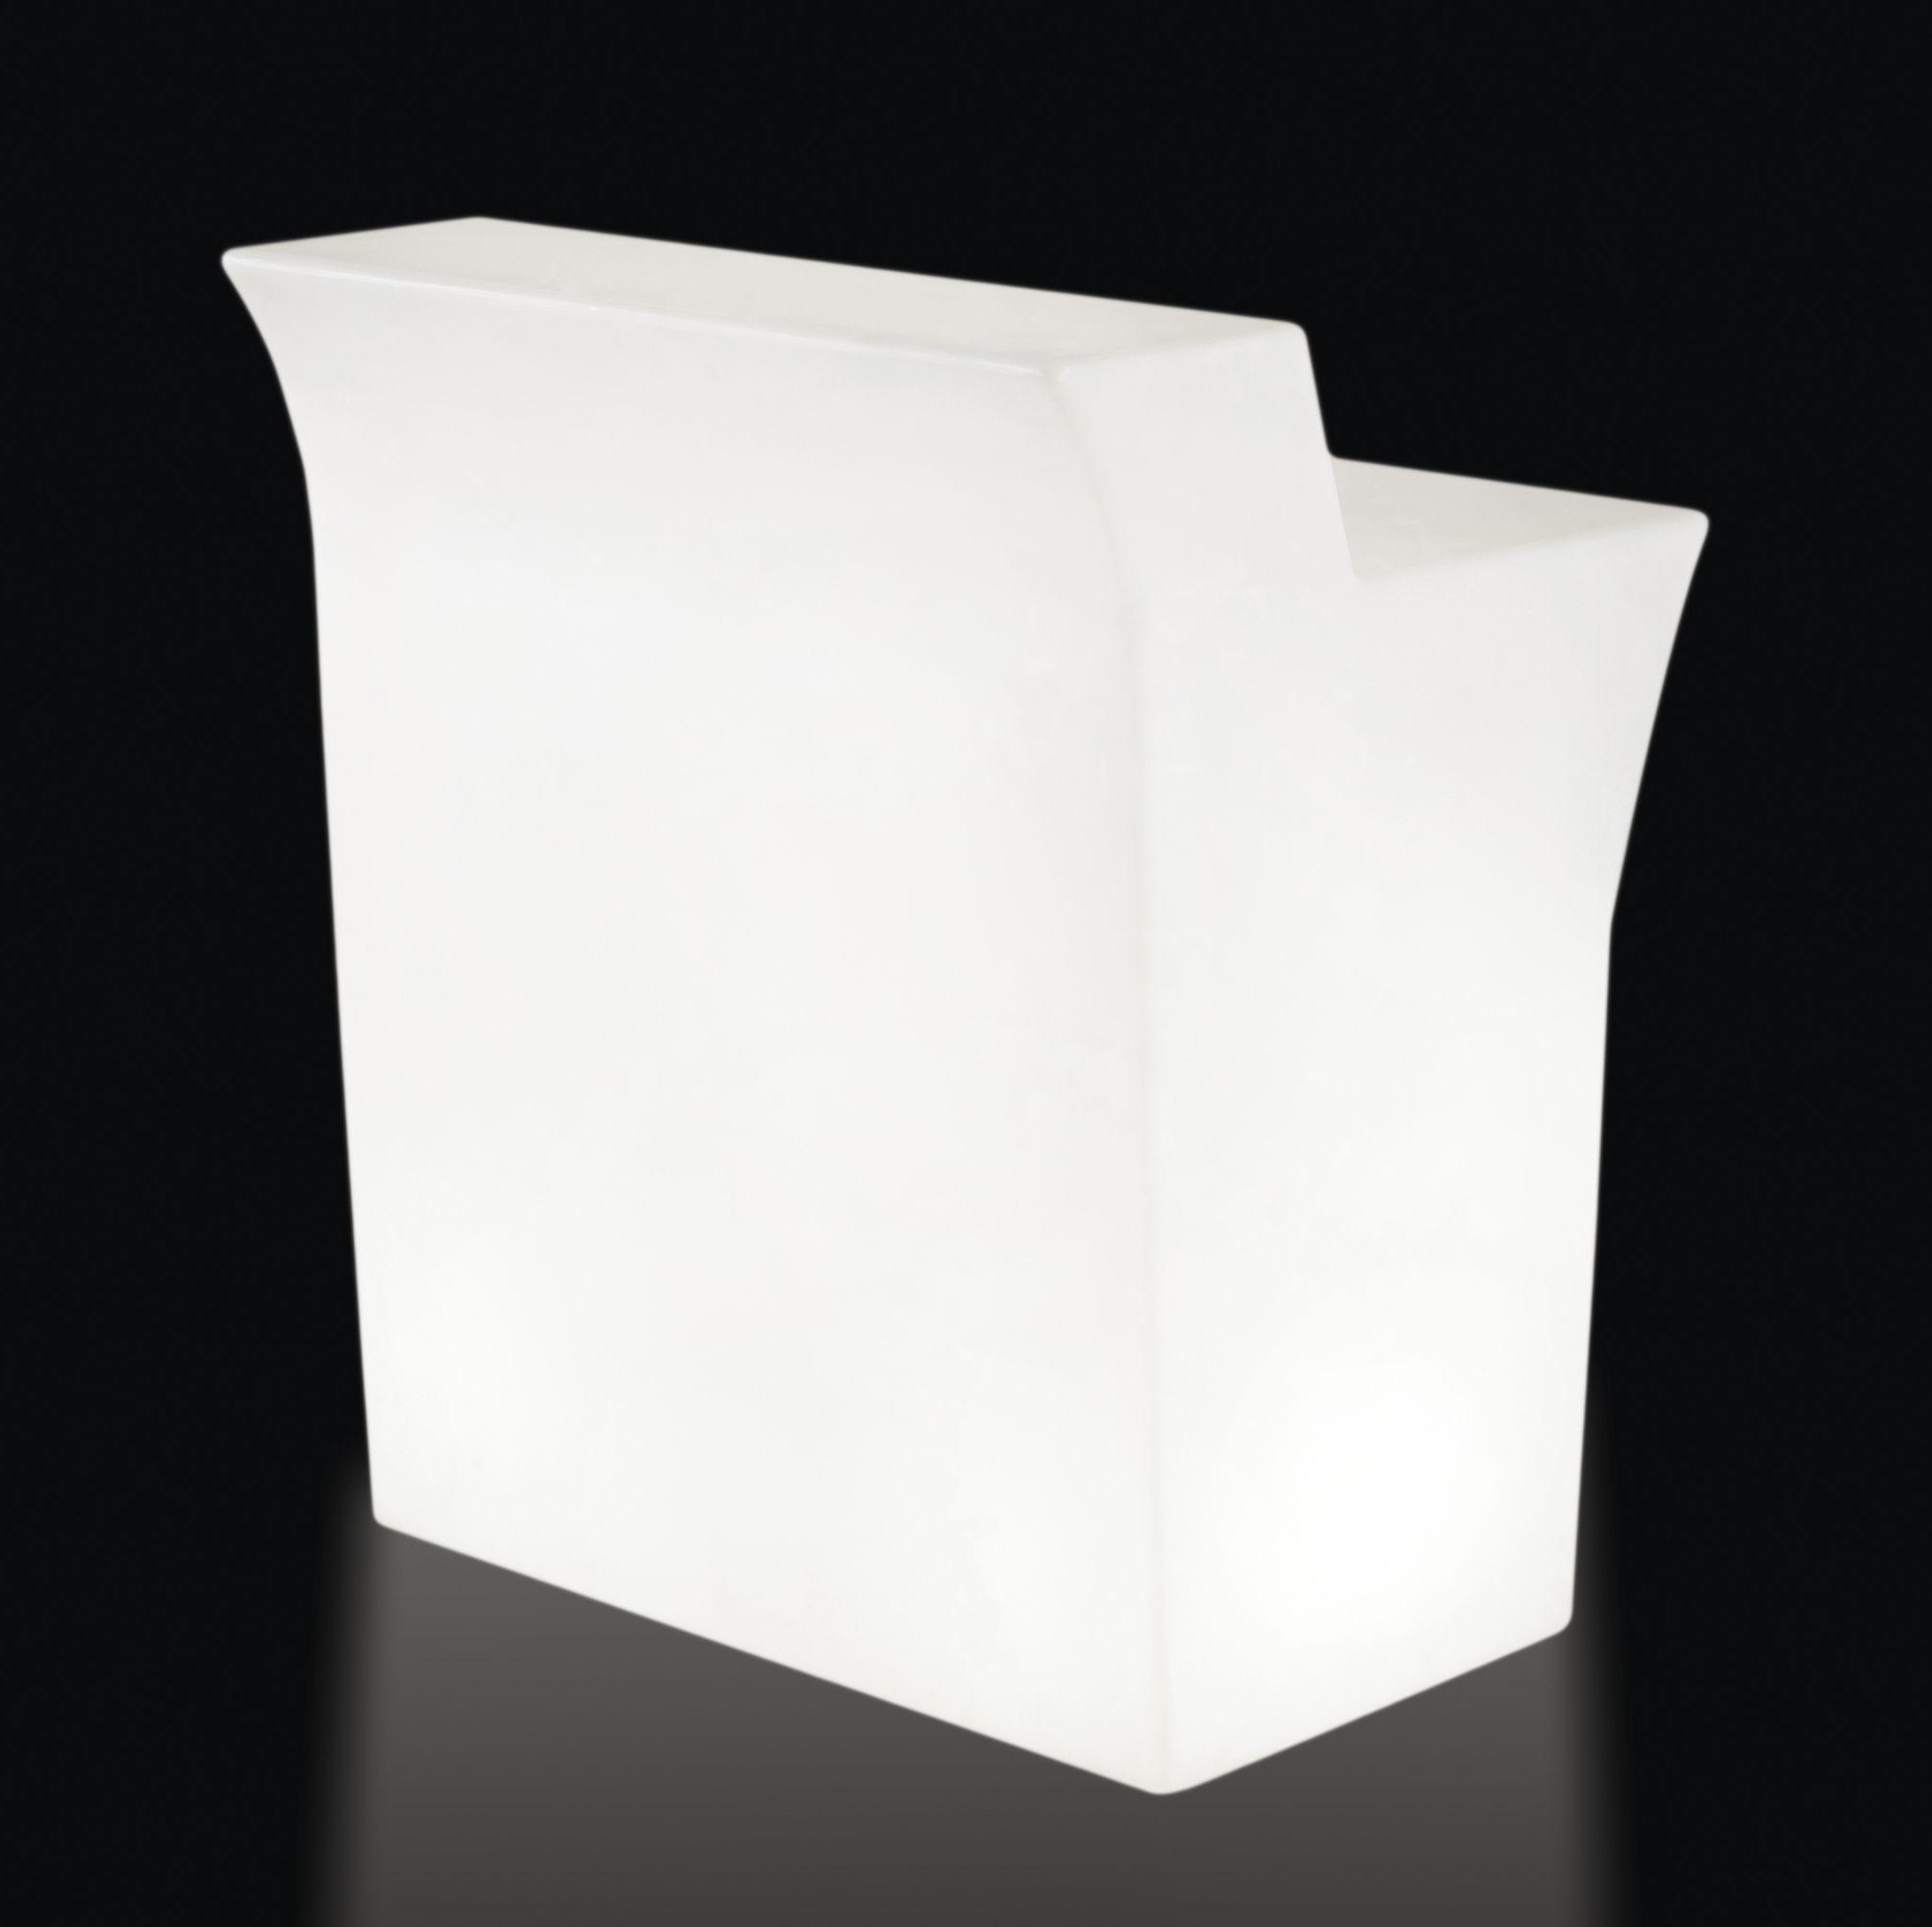 Mobilier - Mange-debout et bars - Bar lumineux Jumbo LED RGB / L 90 cm - Sans fil - Slide - Blanc - polyéthène recyclable